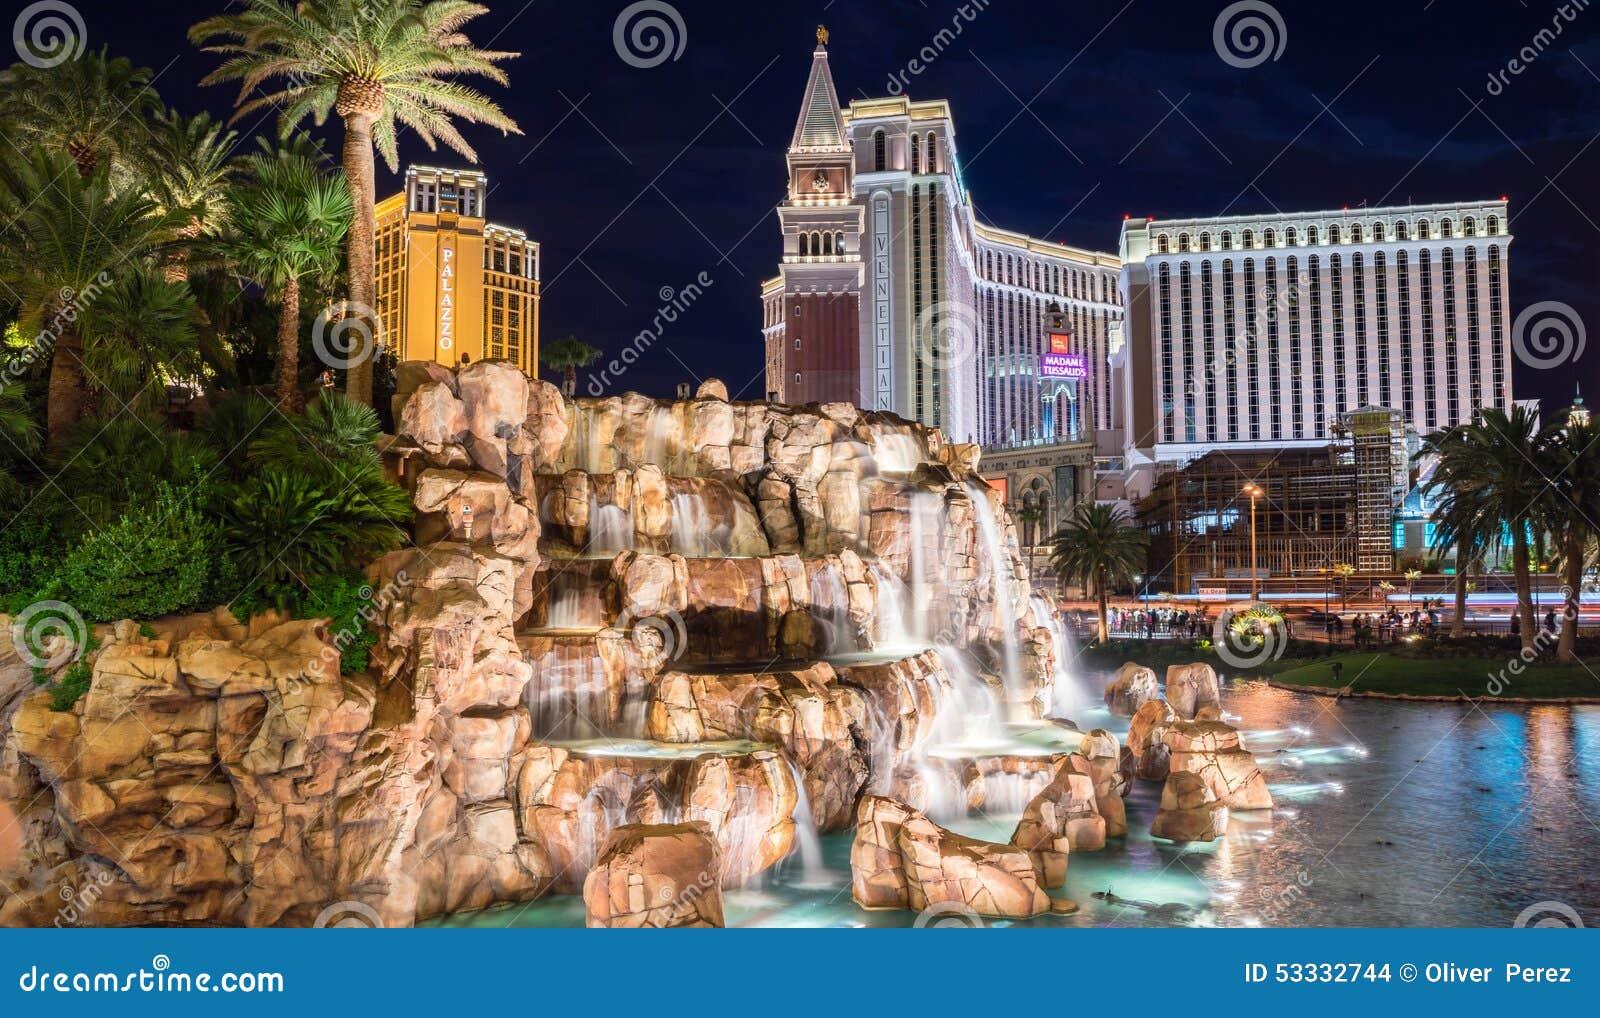 Casino waterfalls philippine gambling statistics